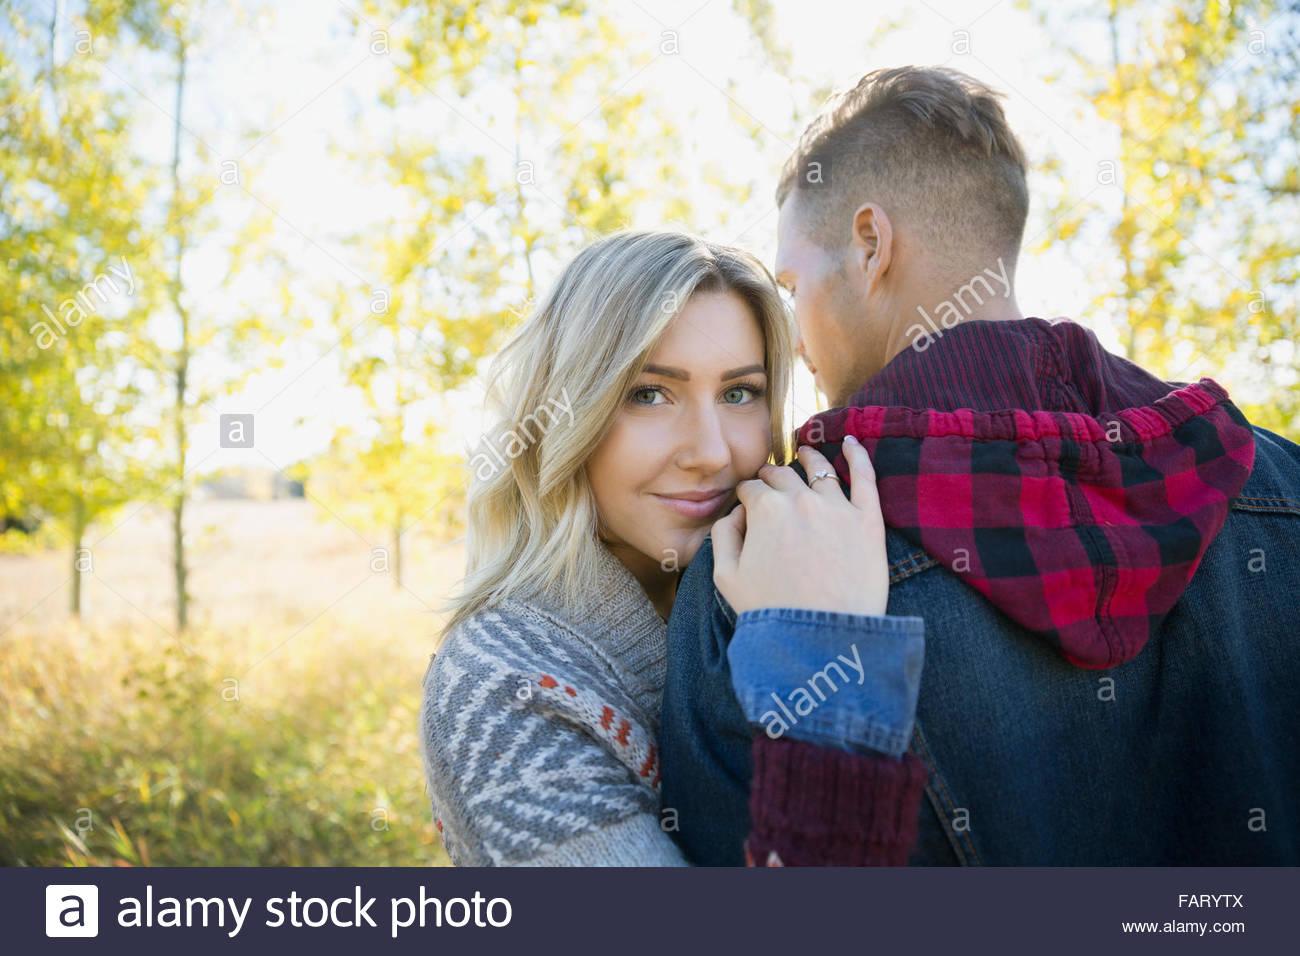 Porträt lächelnde Frau umarmt Freund im Feld Stockbild